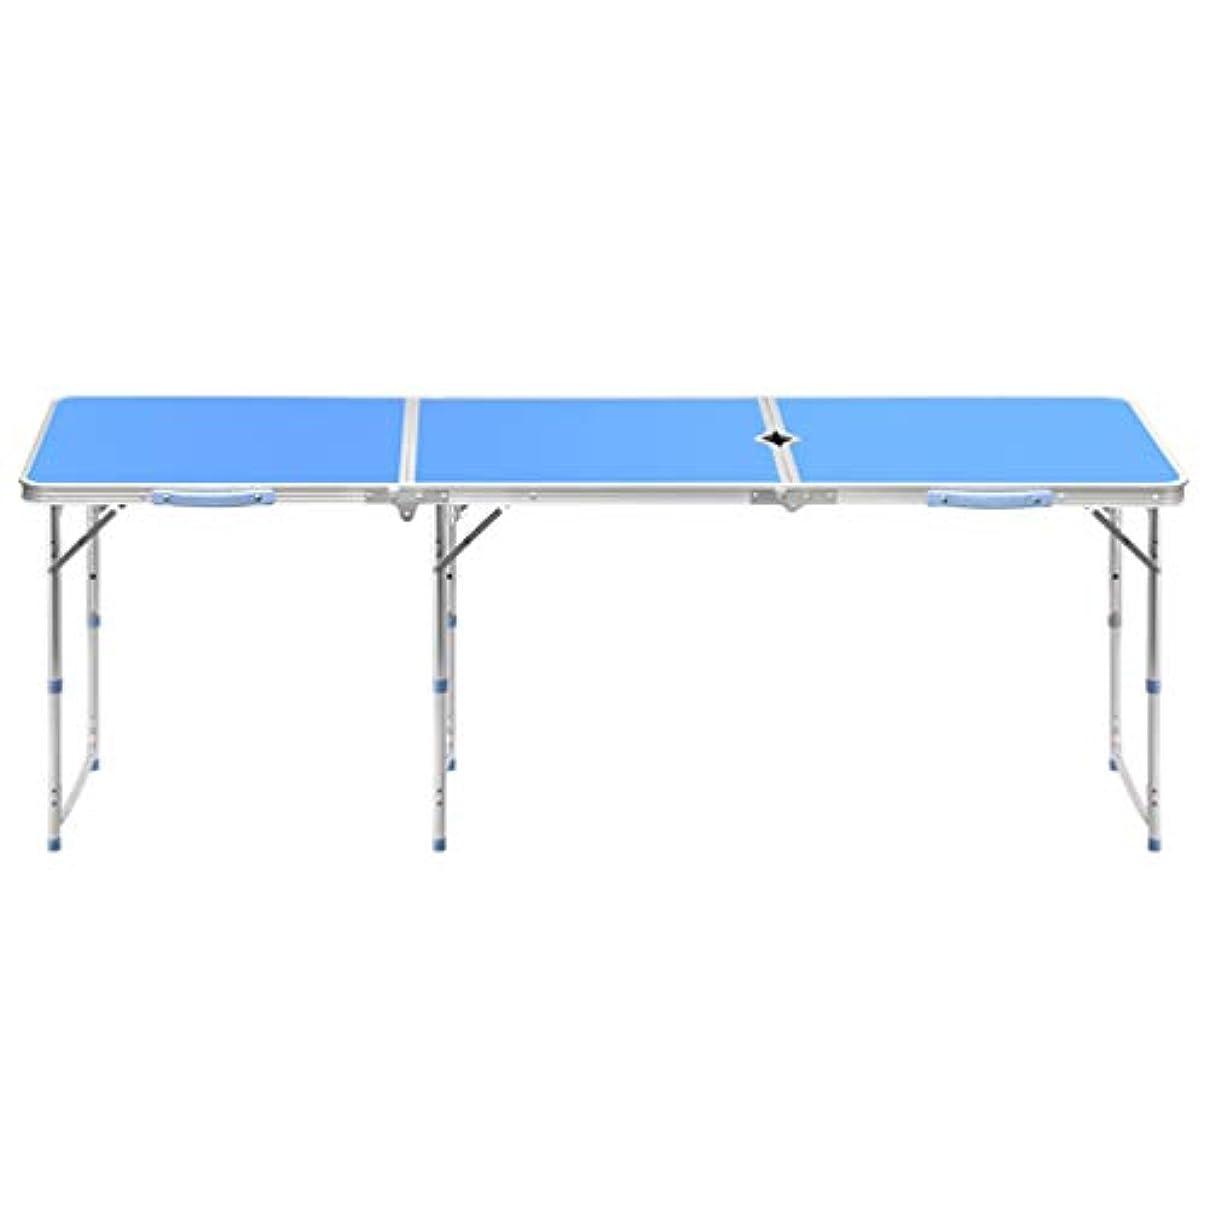 励起シリングラッドヤードキップリング1.8 M折りたたみテーブル+ 4個リップストップオックスフォード布スツール、アルミニウム合金ポータブル多機能傘穴ピクニックテーブル屋外 (色 : B)